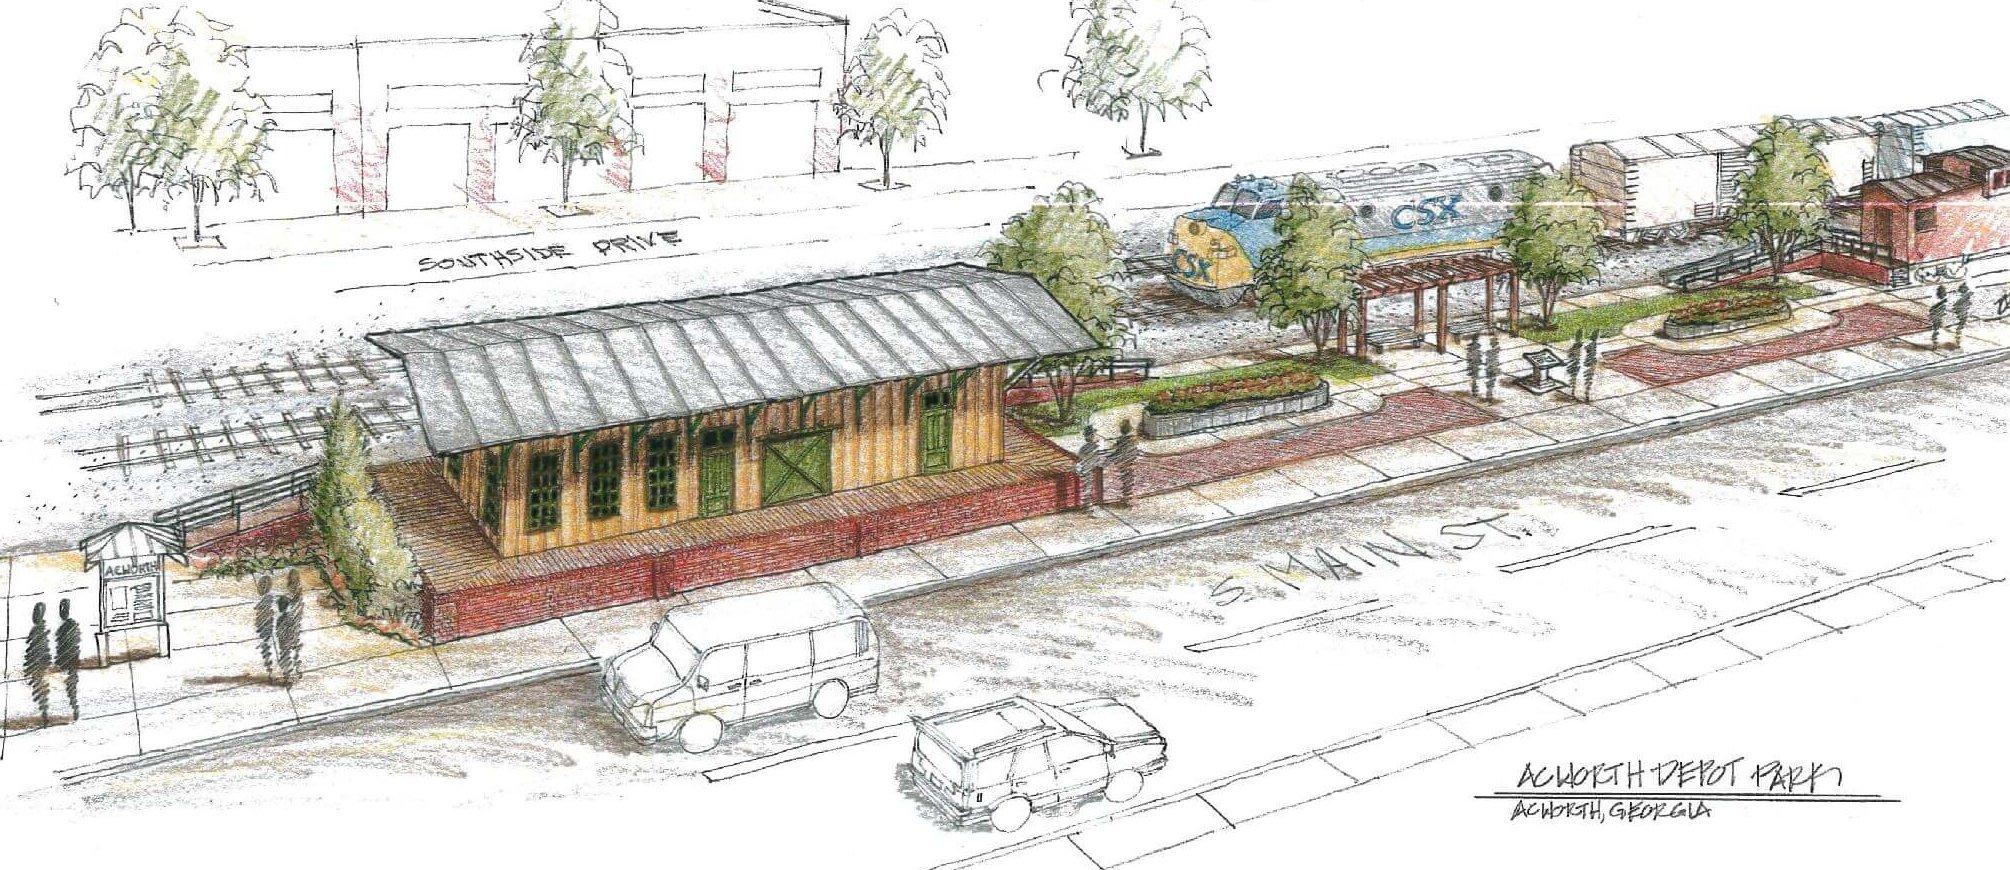 Work Begins on Depot Park History Center